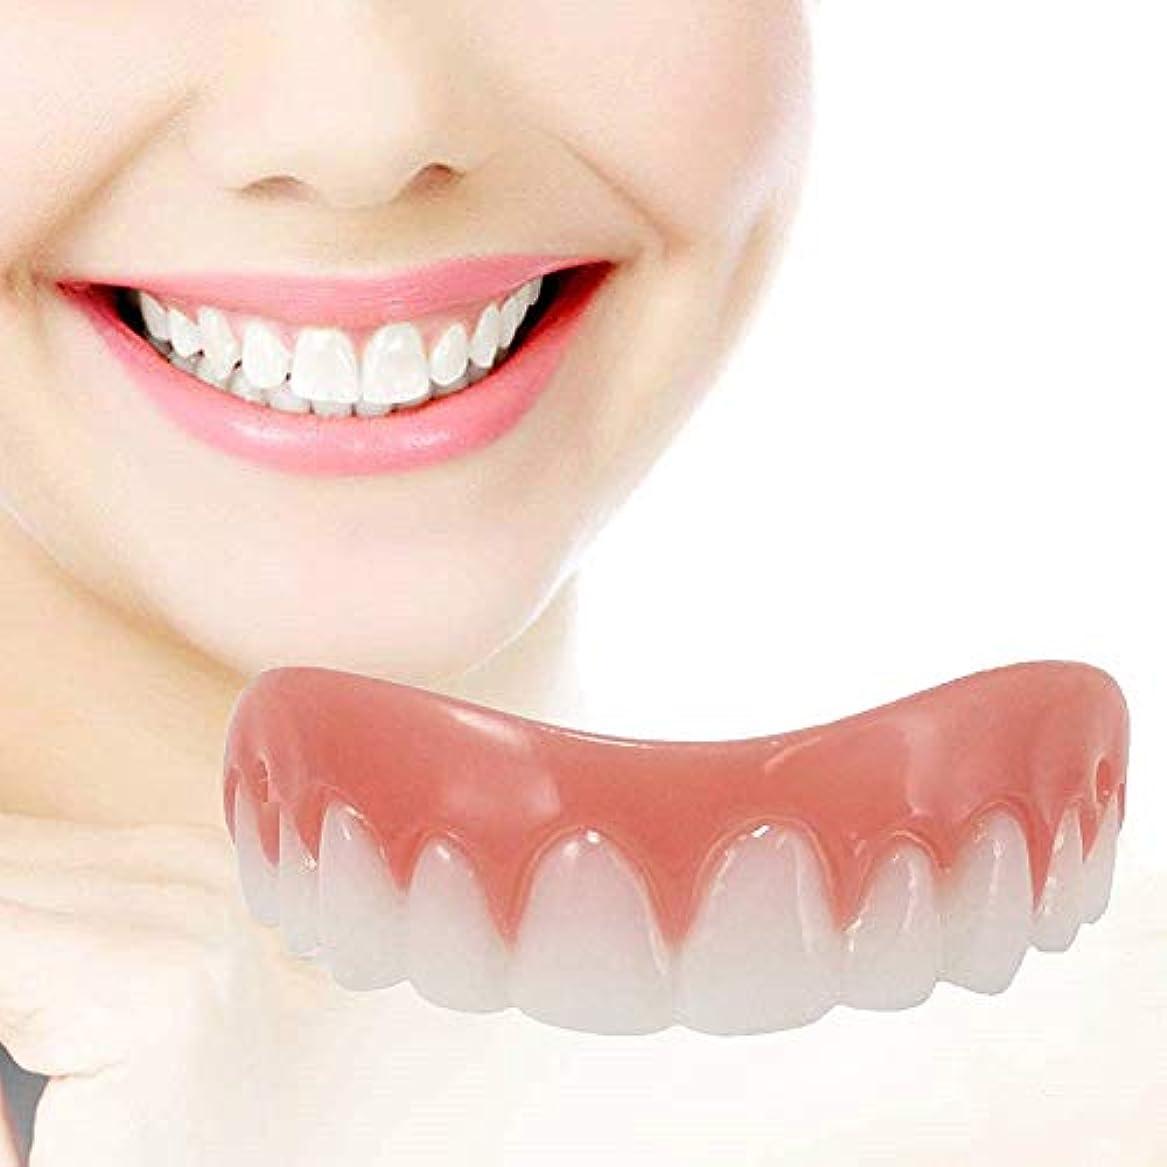 明るいポンド絶えず女性、人のために白くなる即刻のベニヤの義歯の微笑の慰めの適合の屈曲の化粧品の偽歯